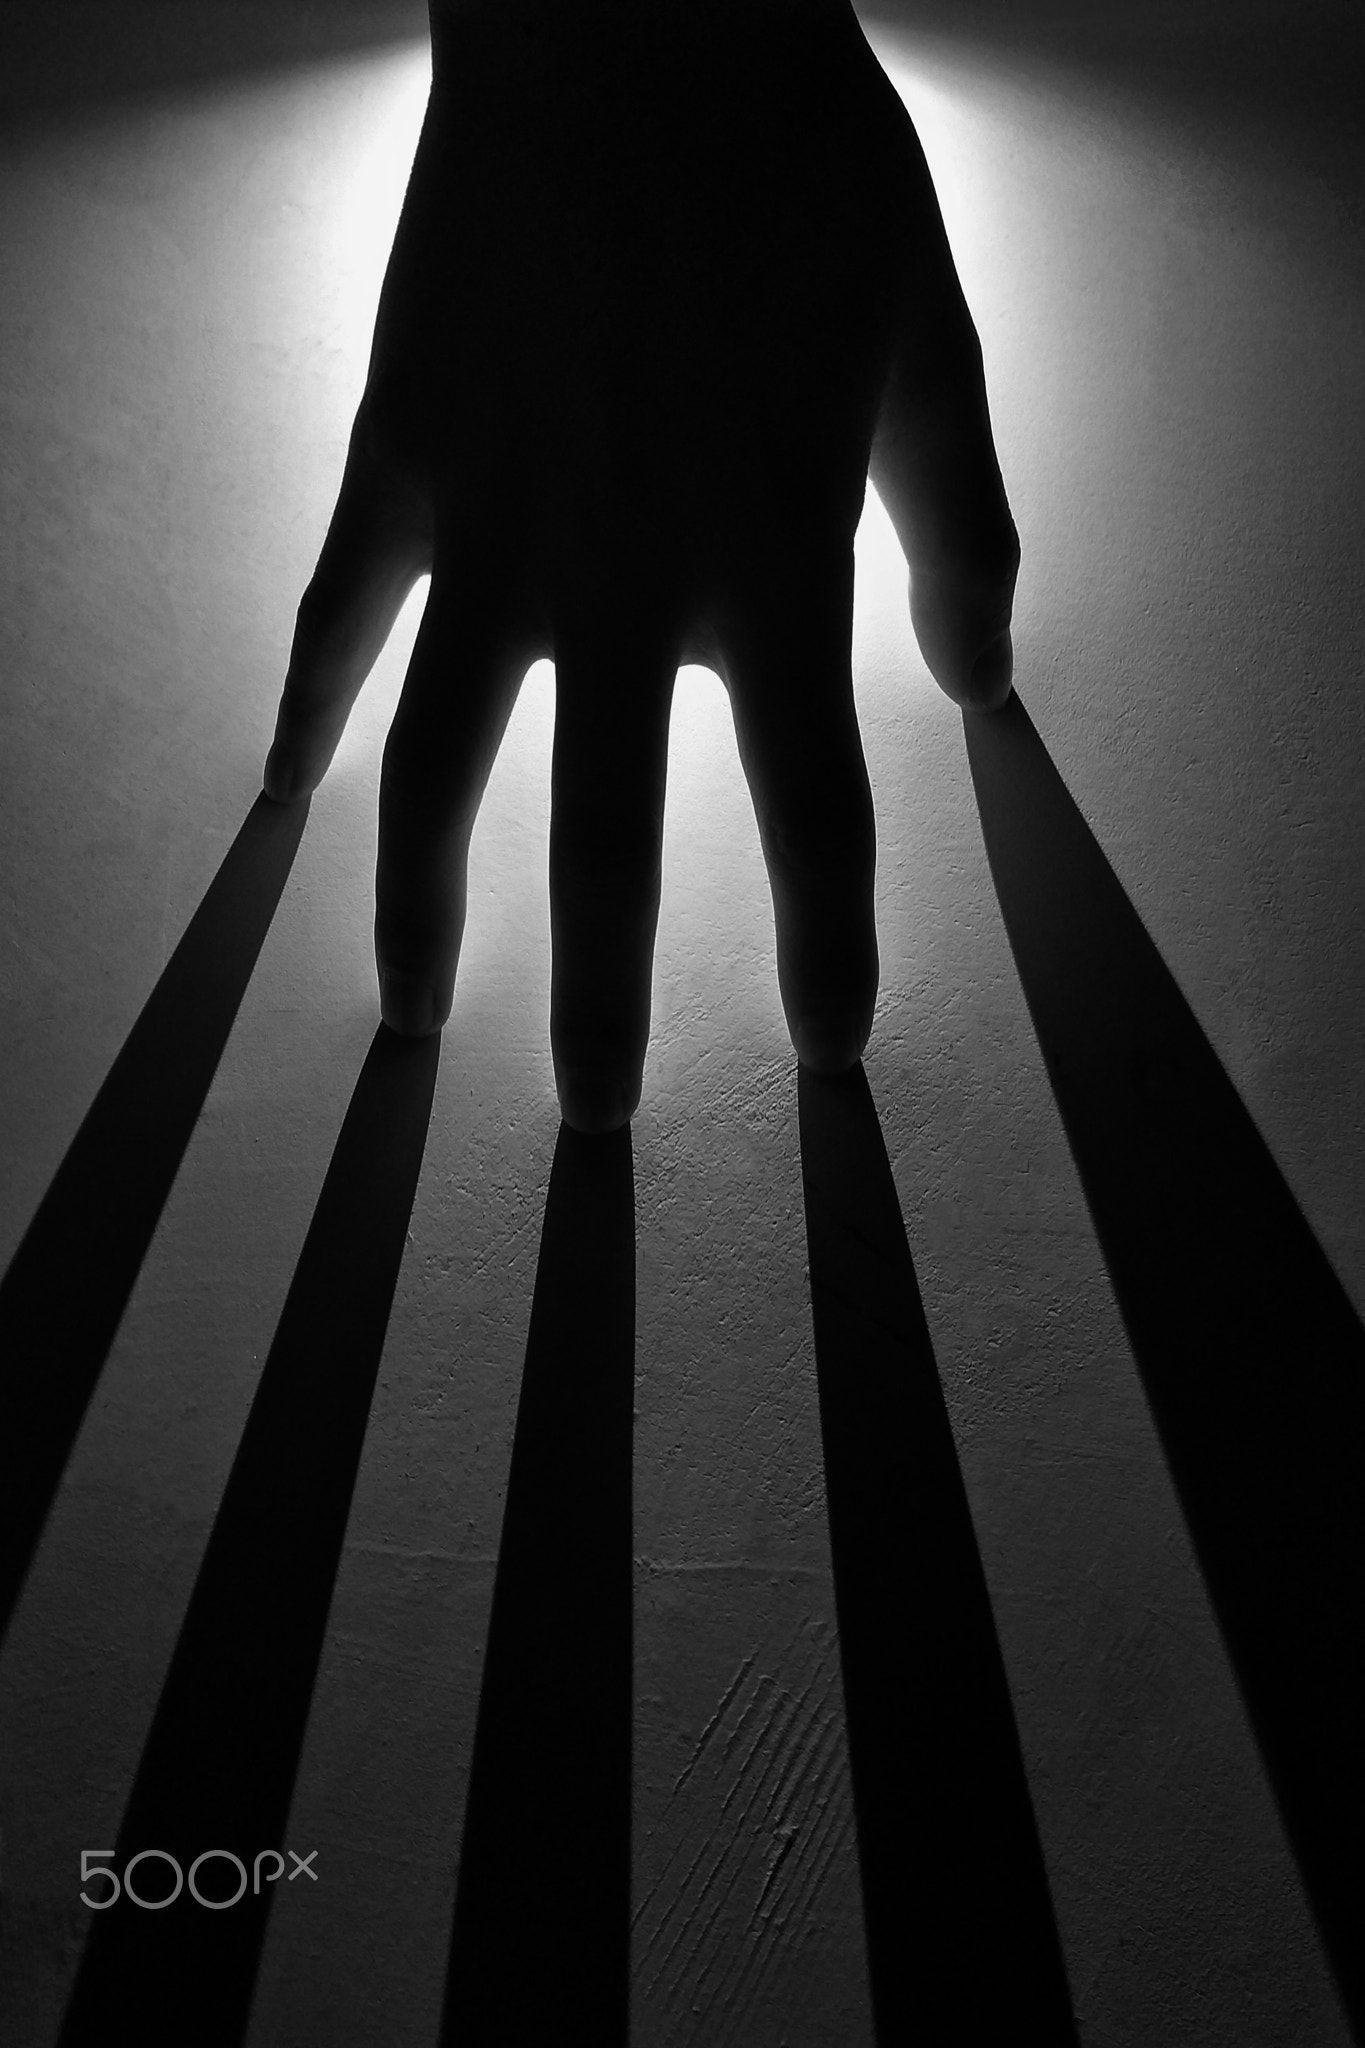 картинке с тенями стал жертвой